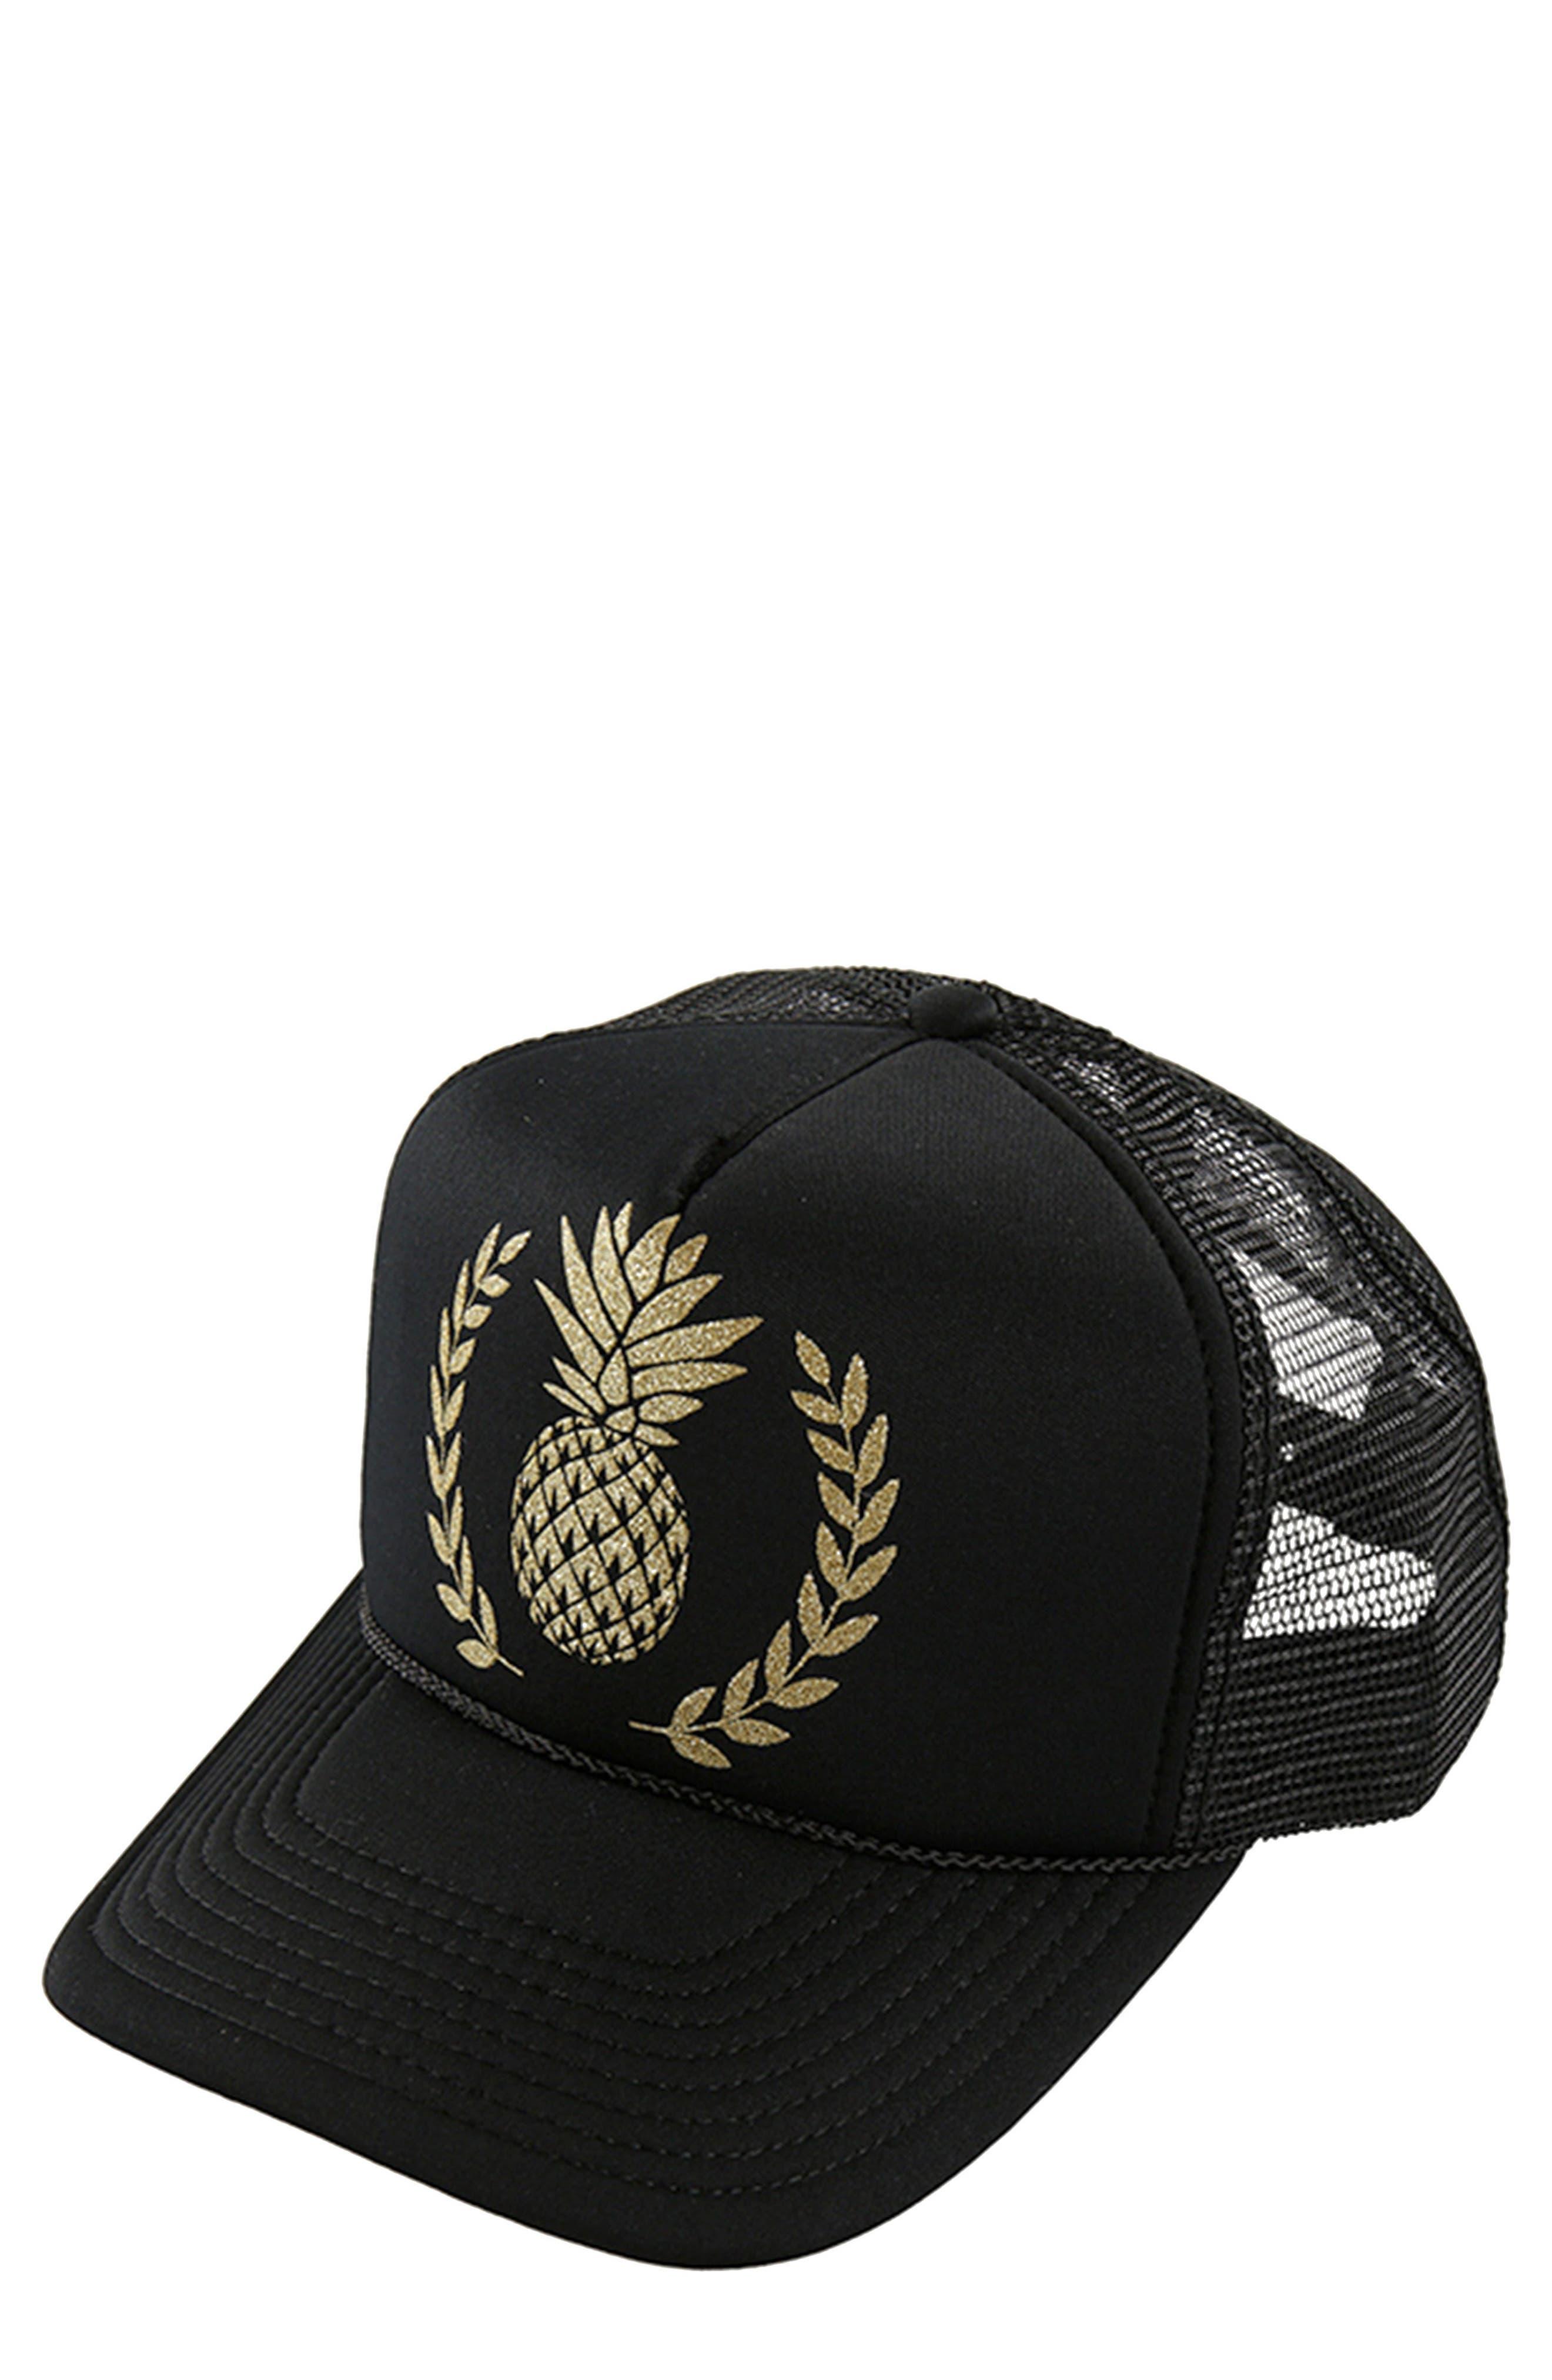 Alternate Image 1 Selected - O'Neill Sunshine Pineapple Trucker Hat